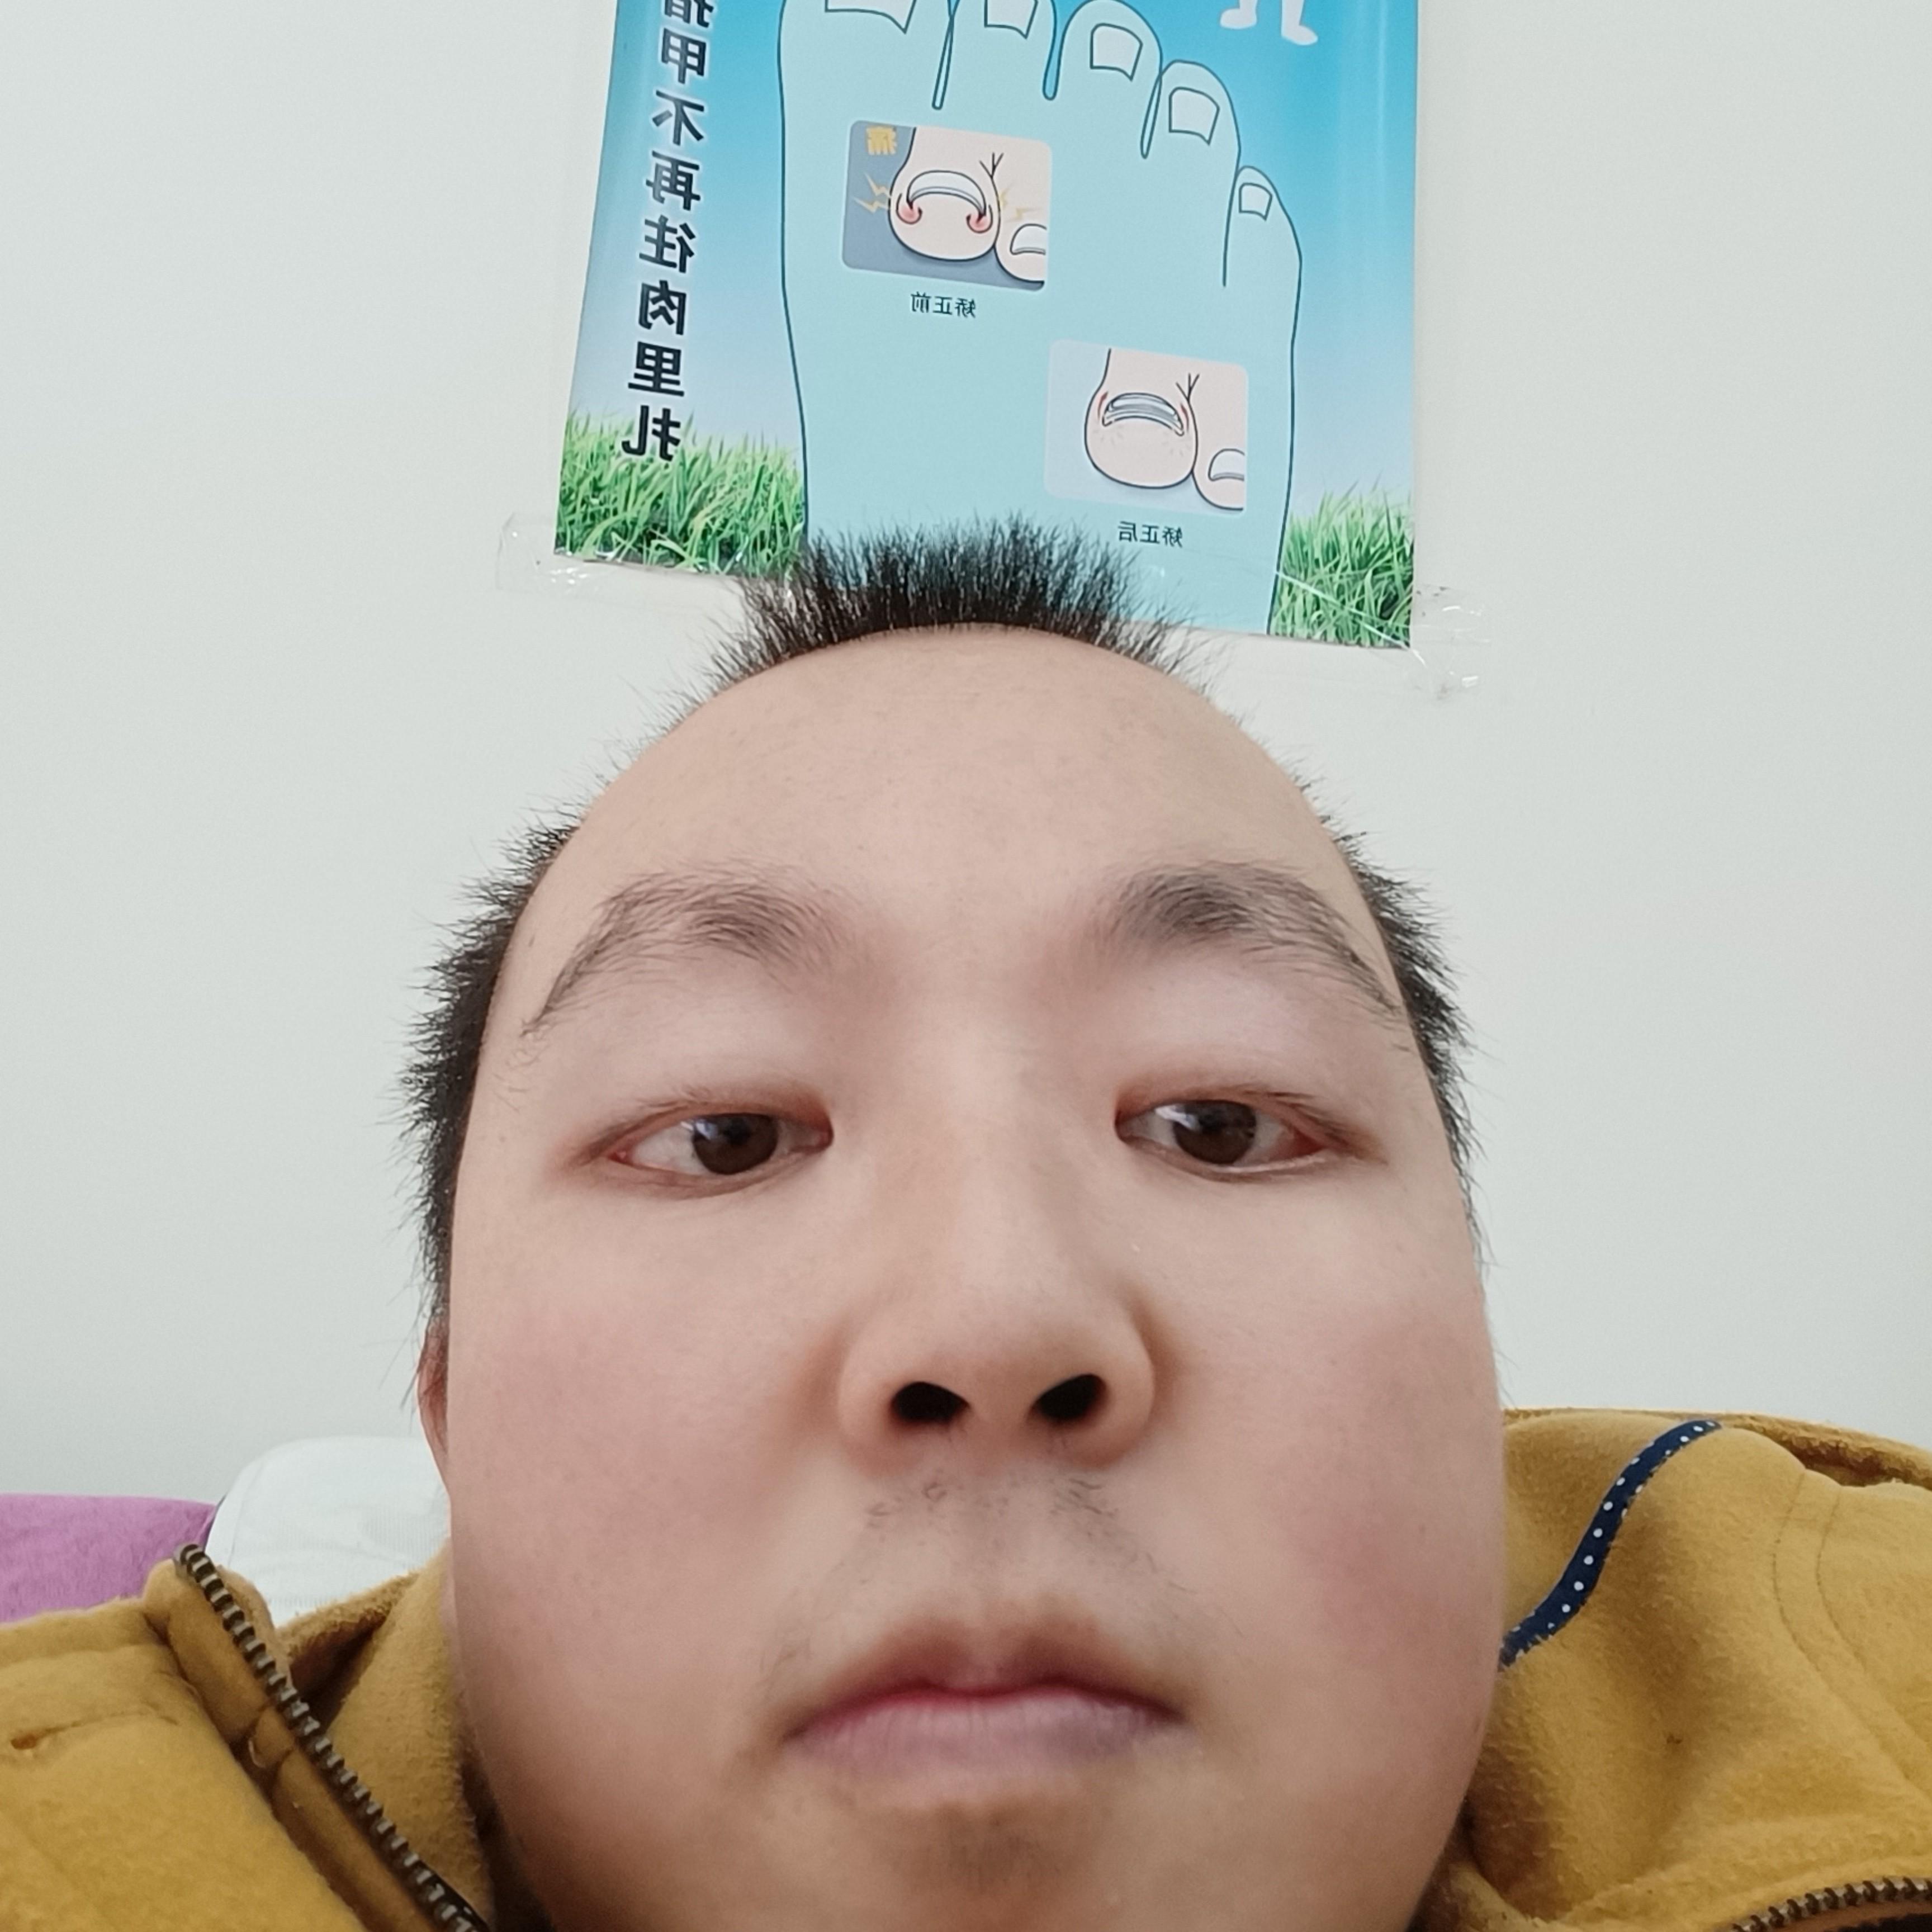 魏永强上的照片